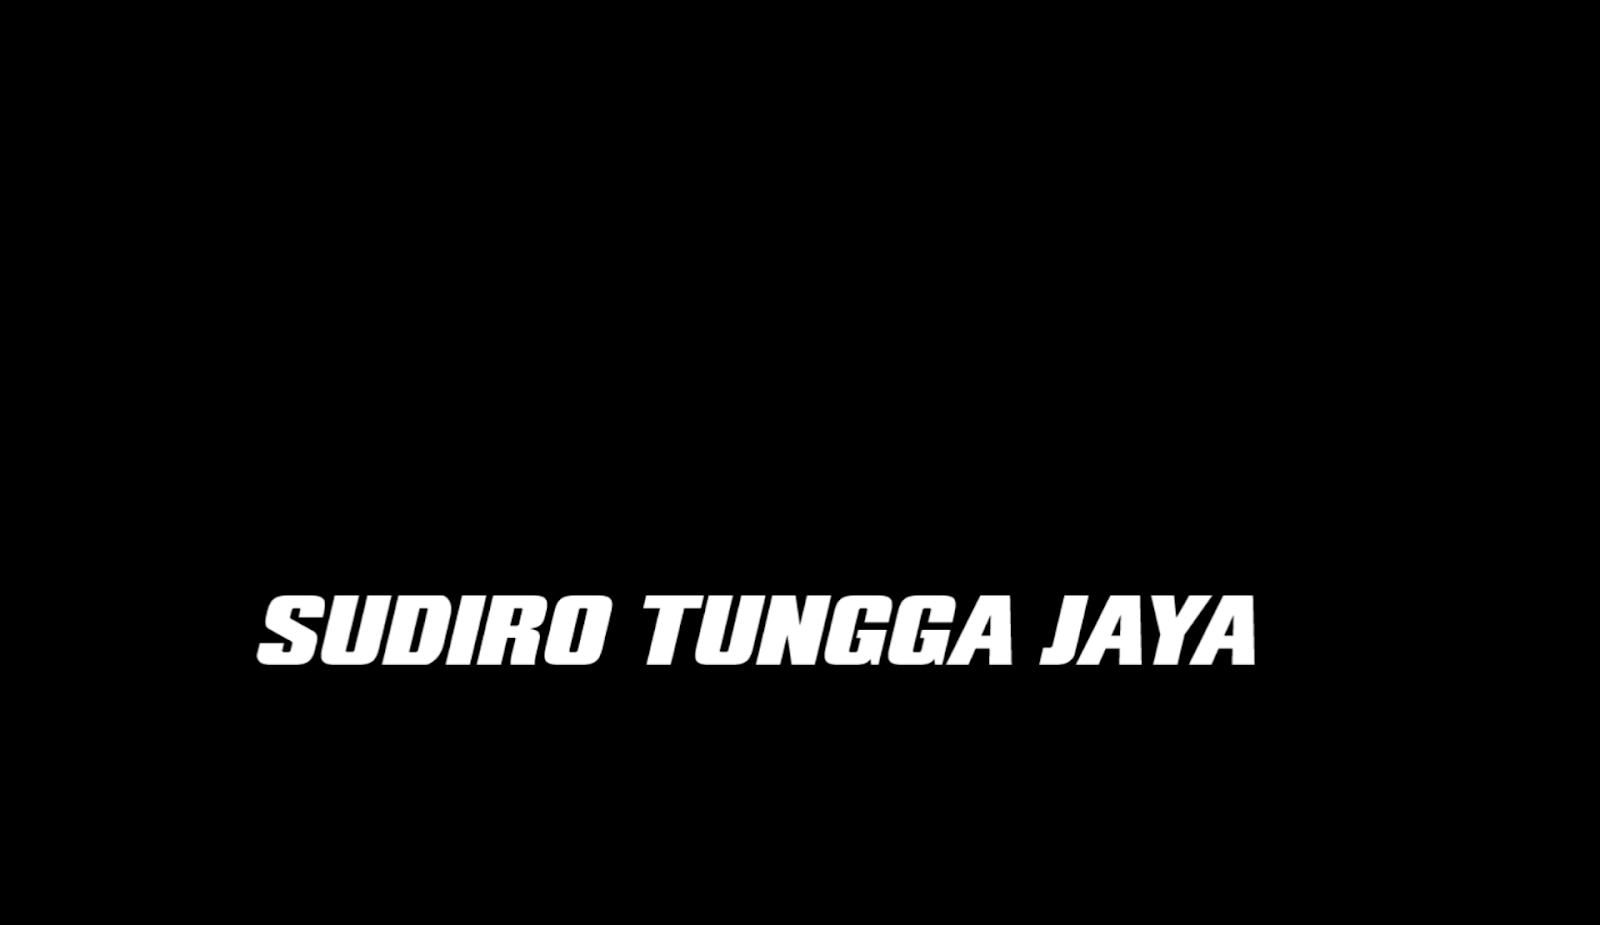 Logo STJ (Sudiro Tungga Jaya) Format PNG